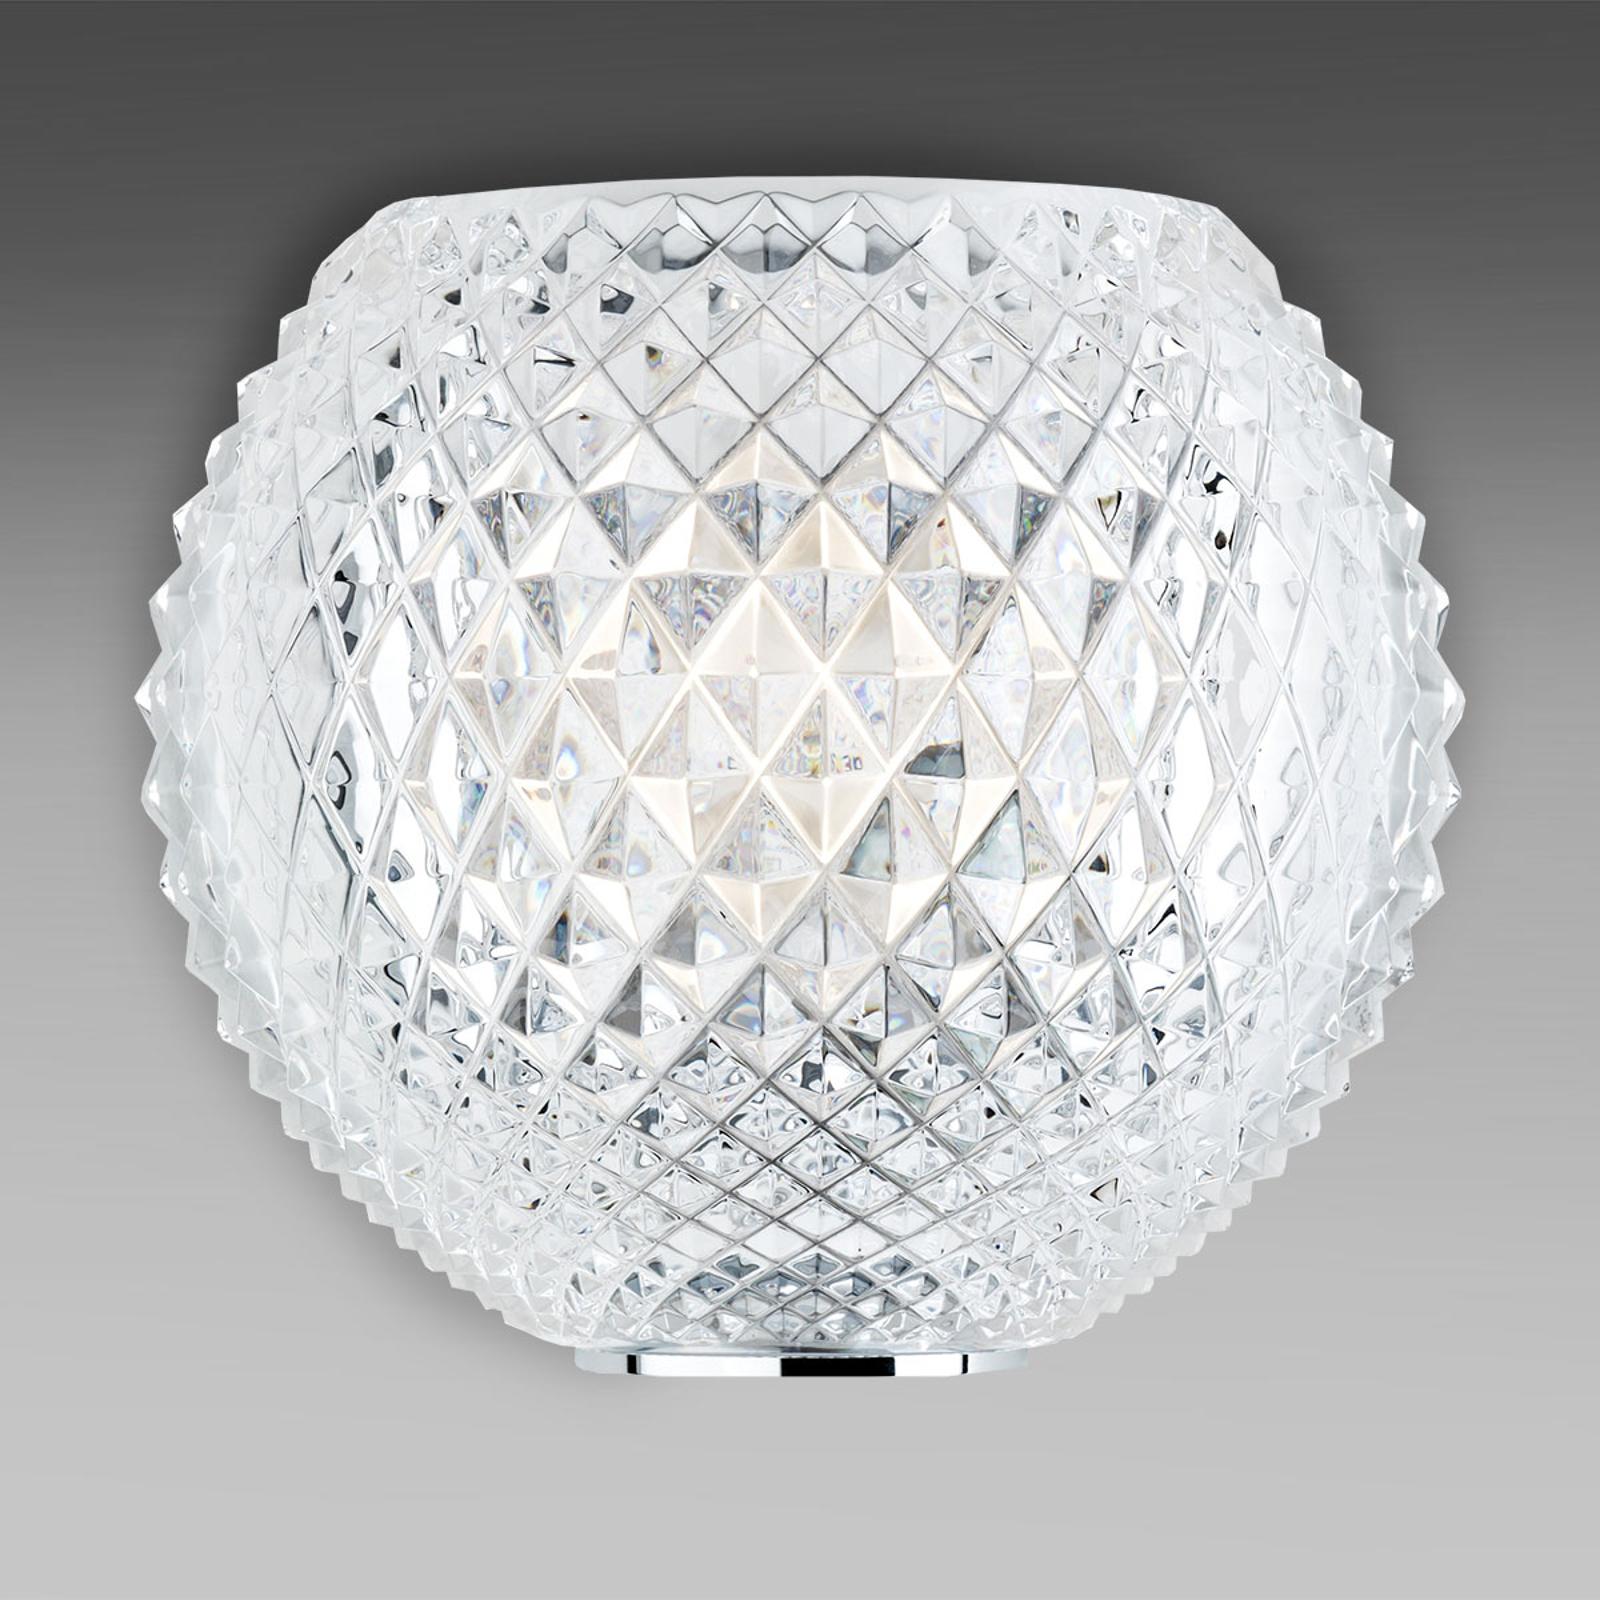 Kryształowa lampa ścienna DIAMOND AND SWIRL, wzór